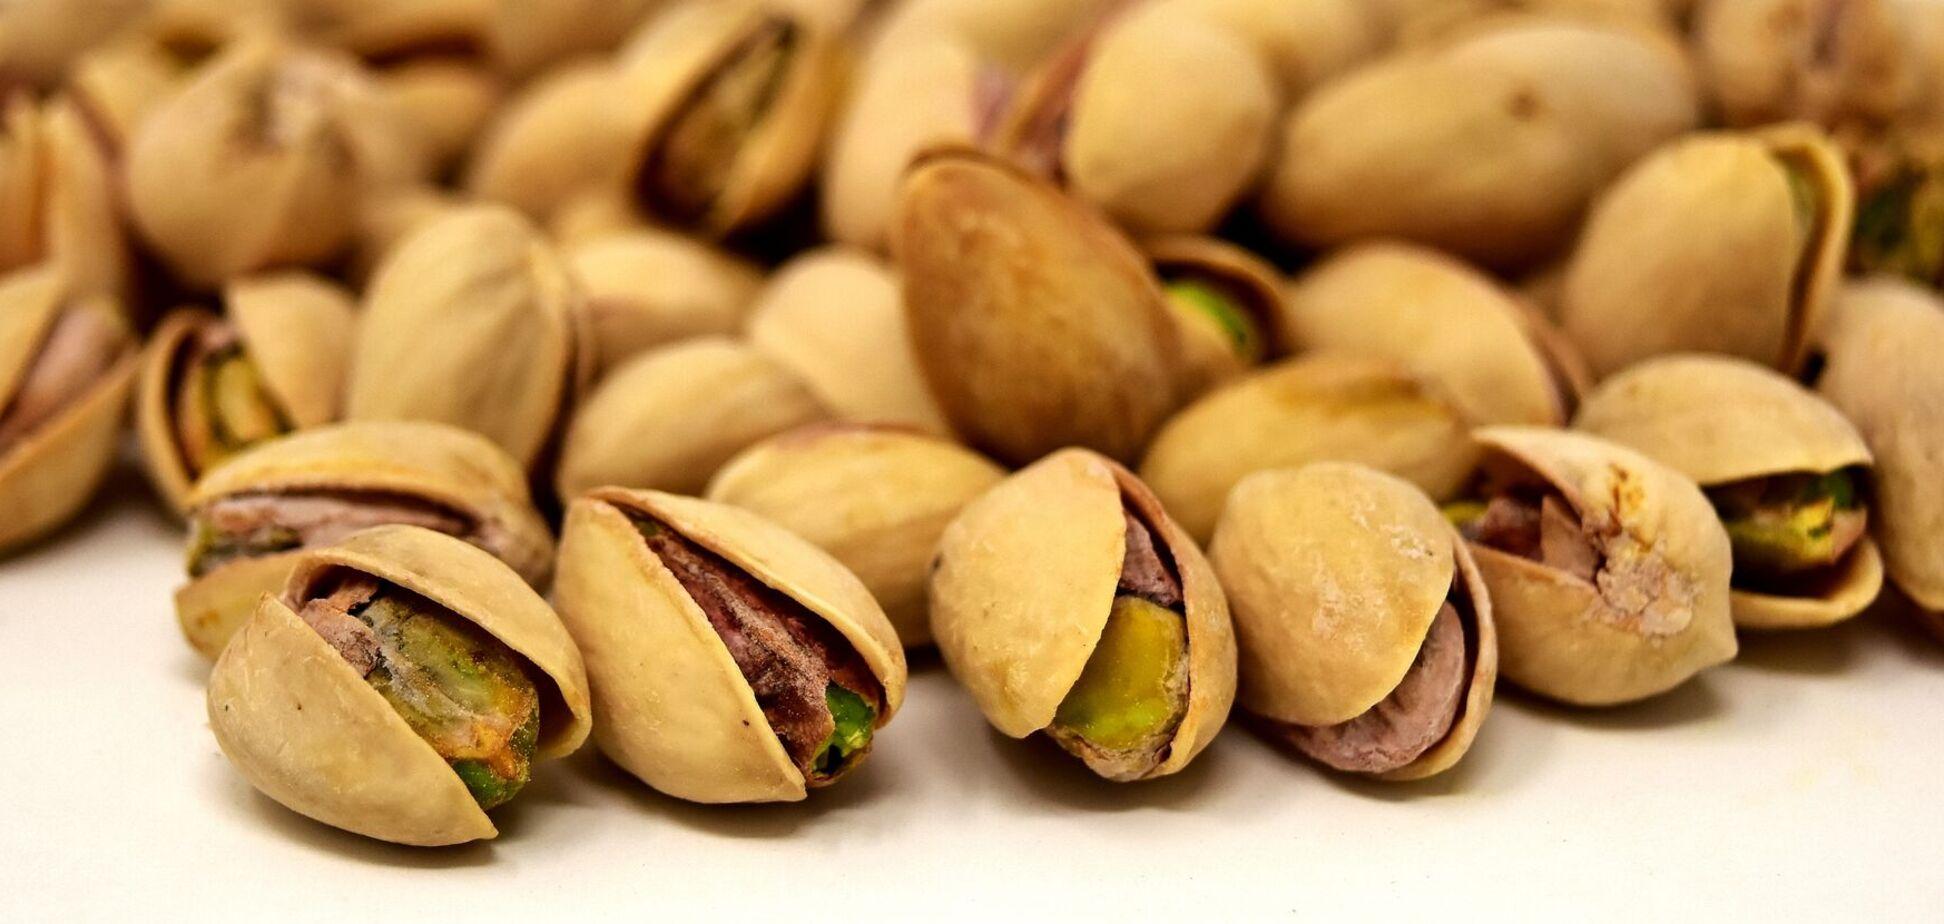 Участники эксперимента ели более 40 граммов фисташек без добавок каждый день